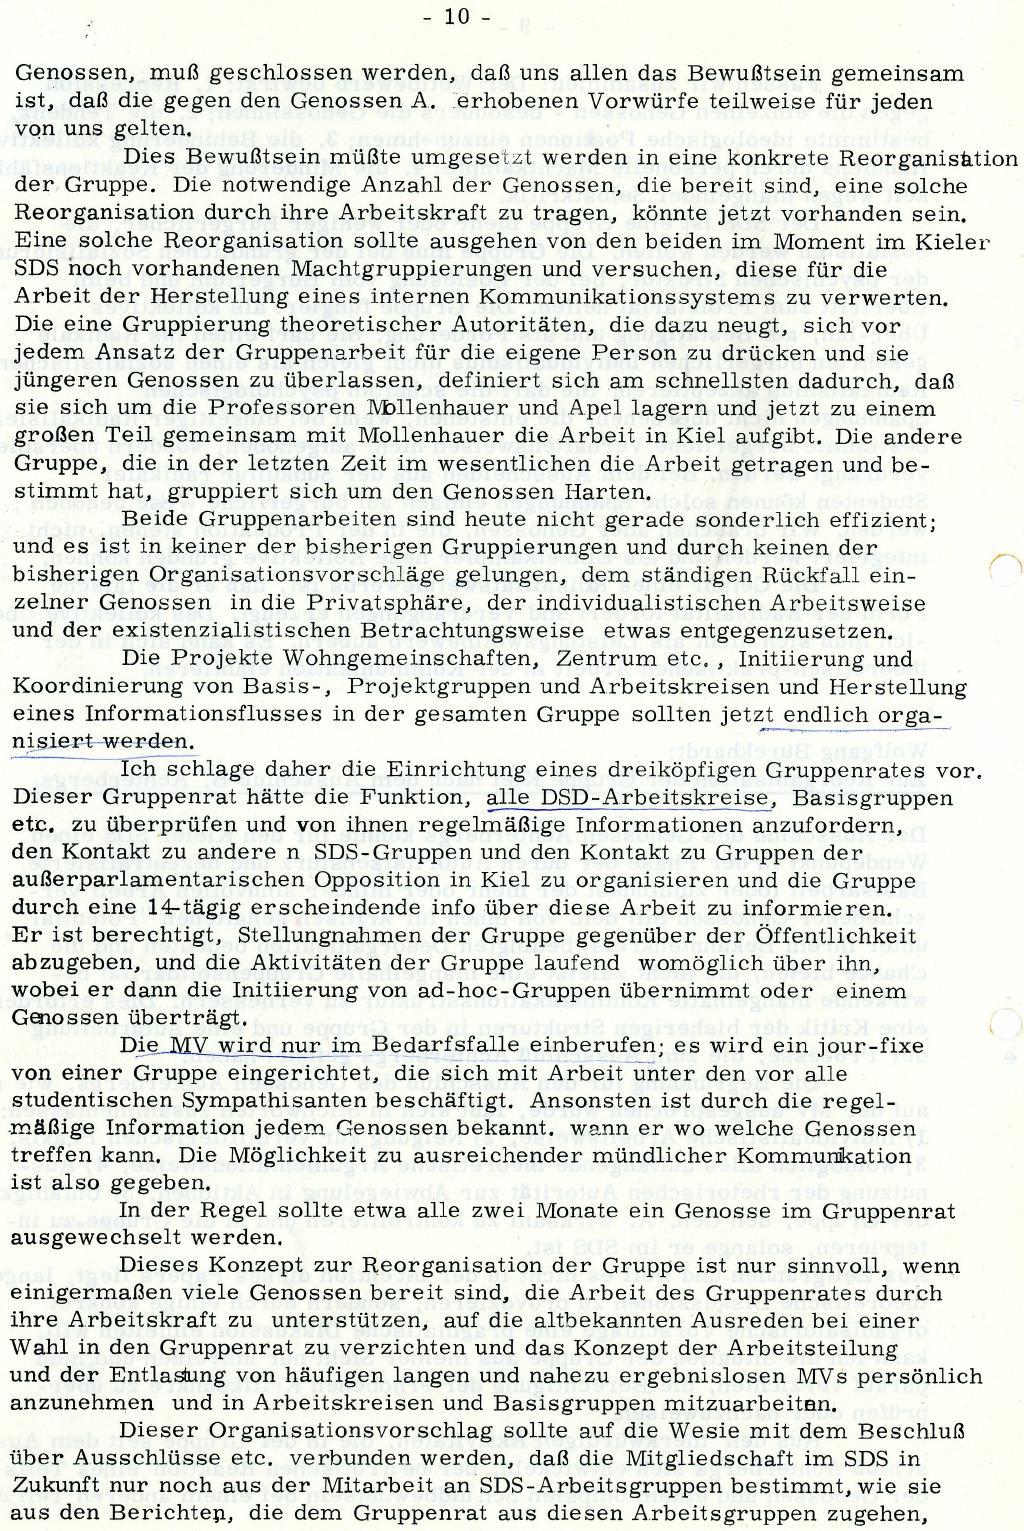 RPK_1969_Sonder02_10